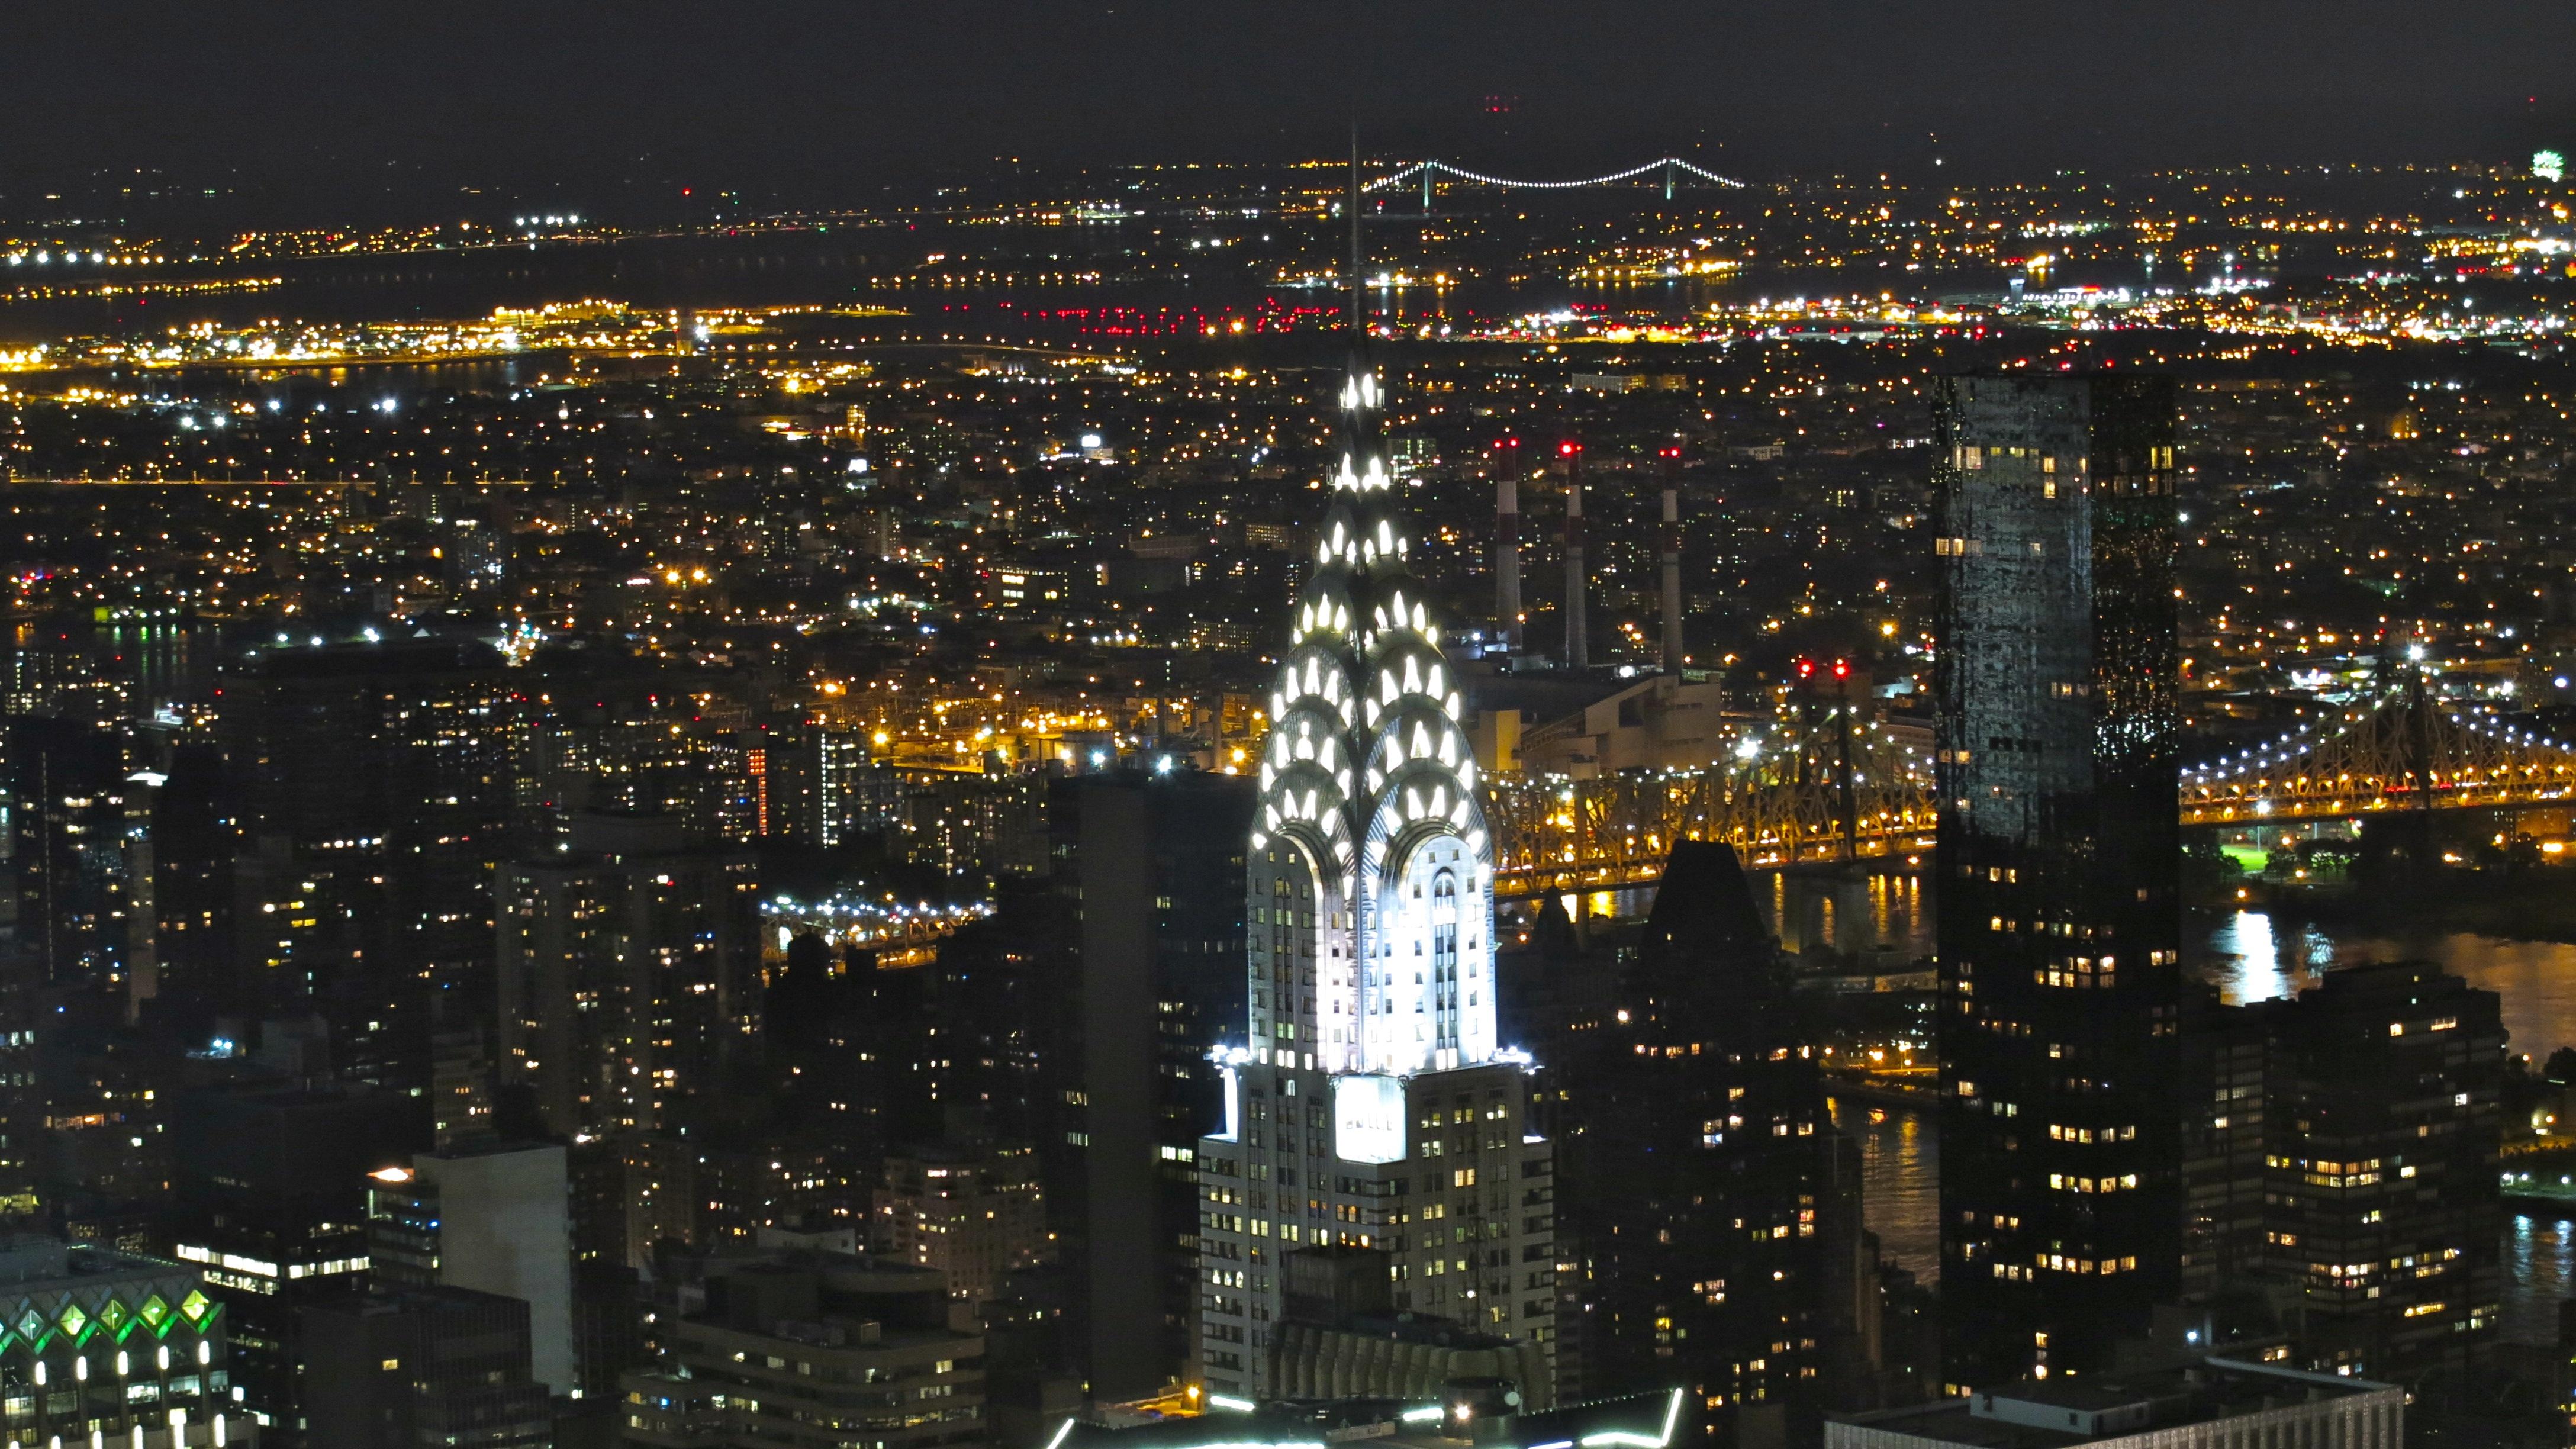 Chrysler_building_by_night.jpg